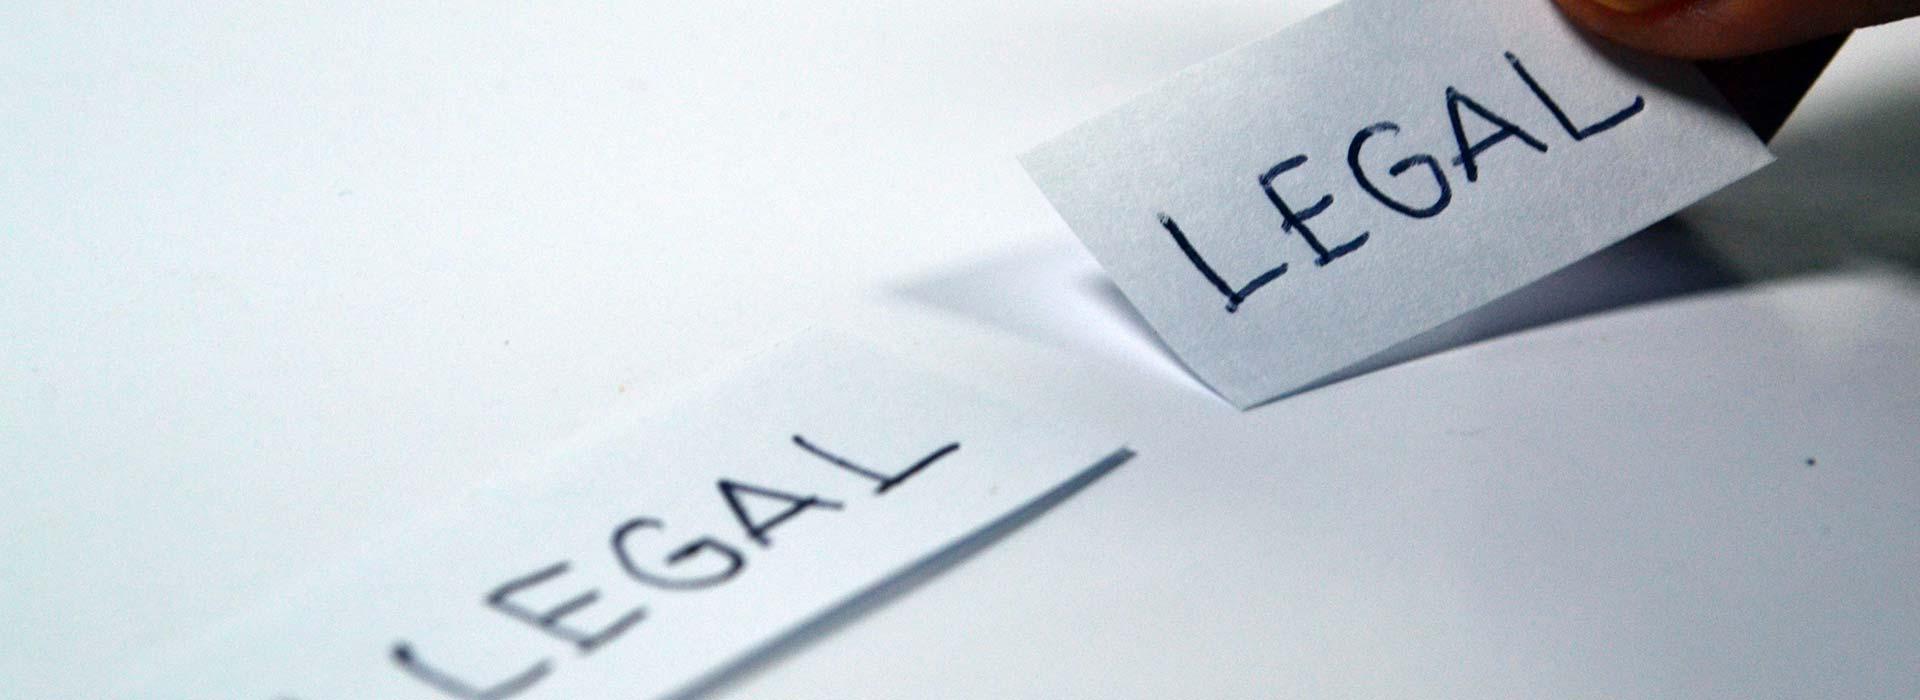 Strafrecht und Ordnungswidrigkeitenrecht in Regen